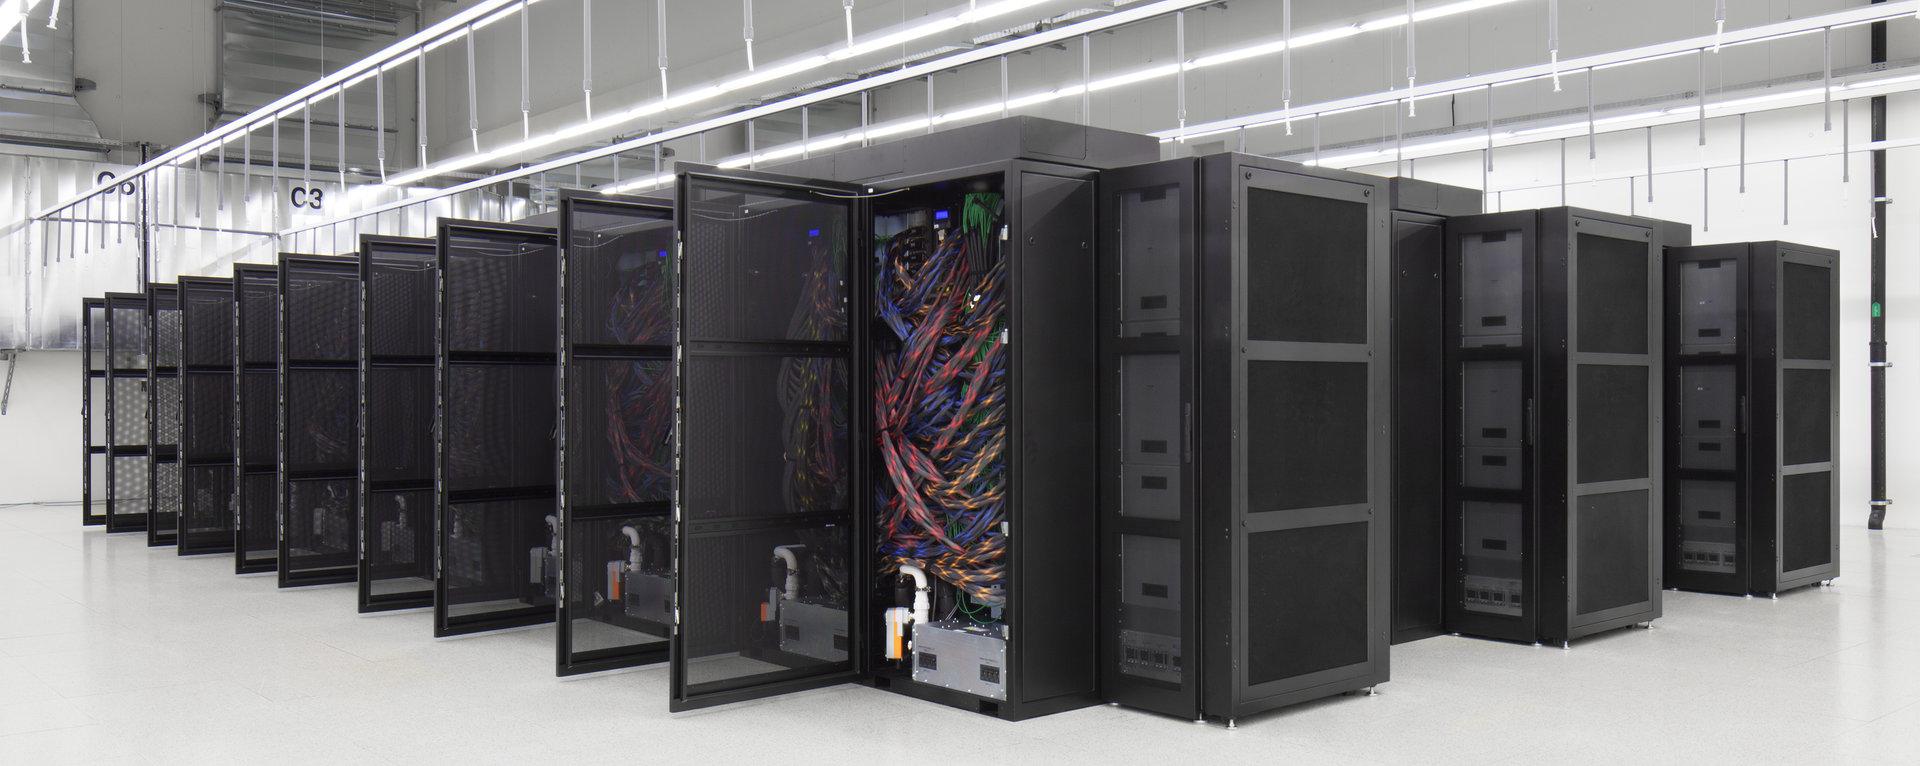 """Supercomputer """"Piz Daint"""""""